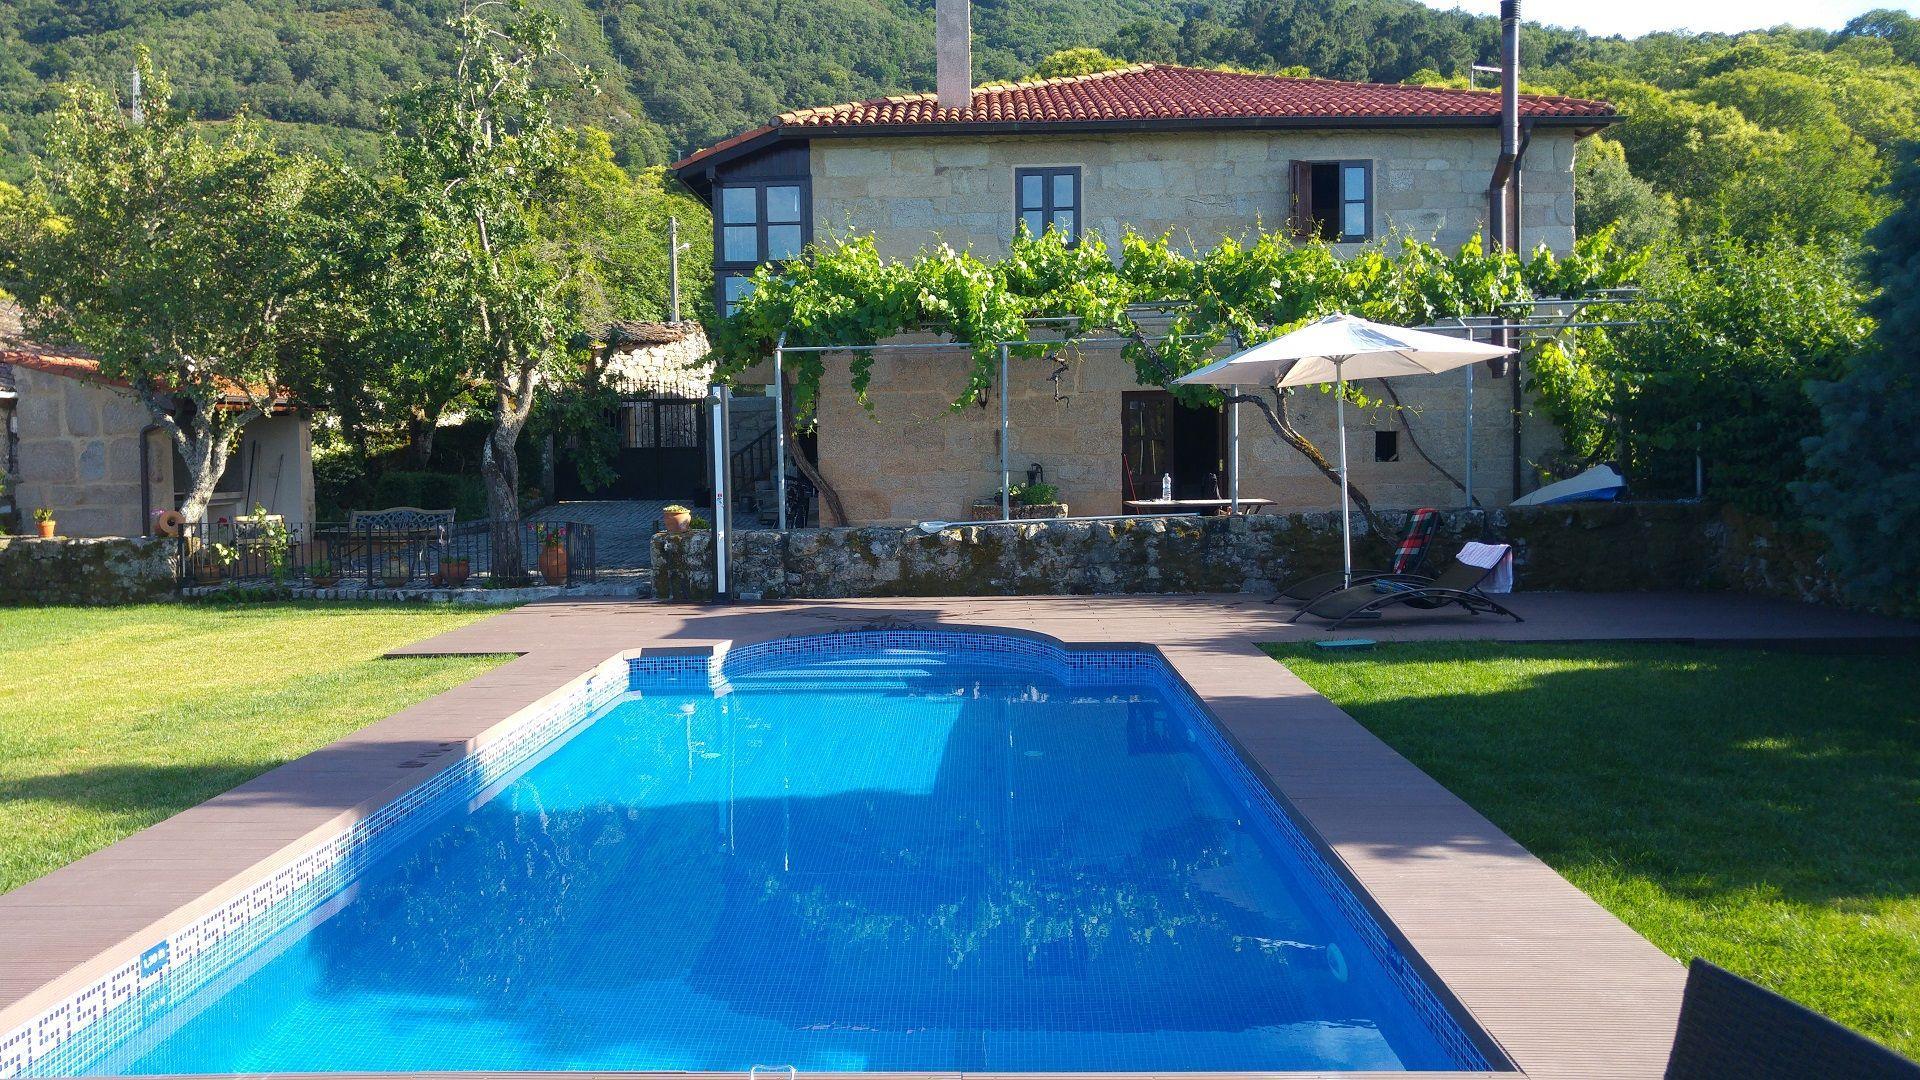 Ferienhaus mit Privatpool für 4 Personen  + 1 Bauernhof in Spanien